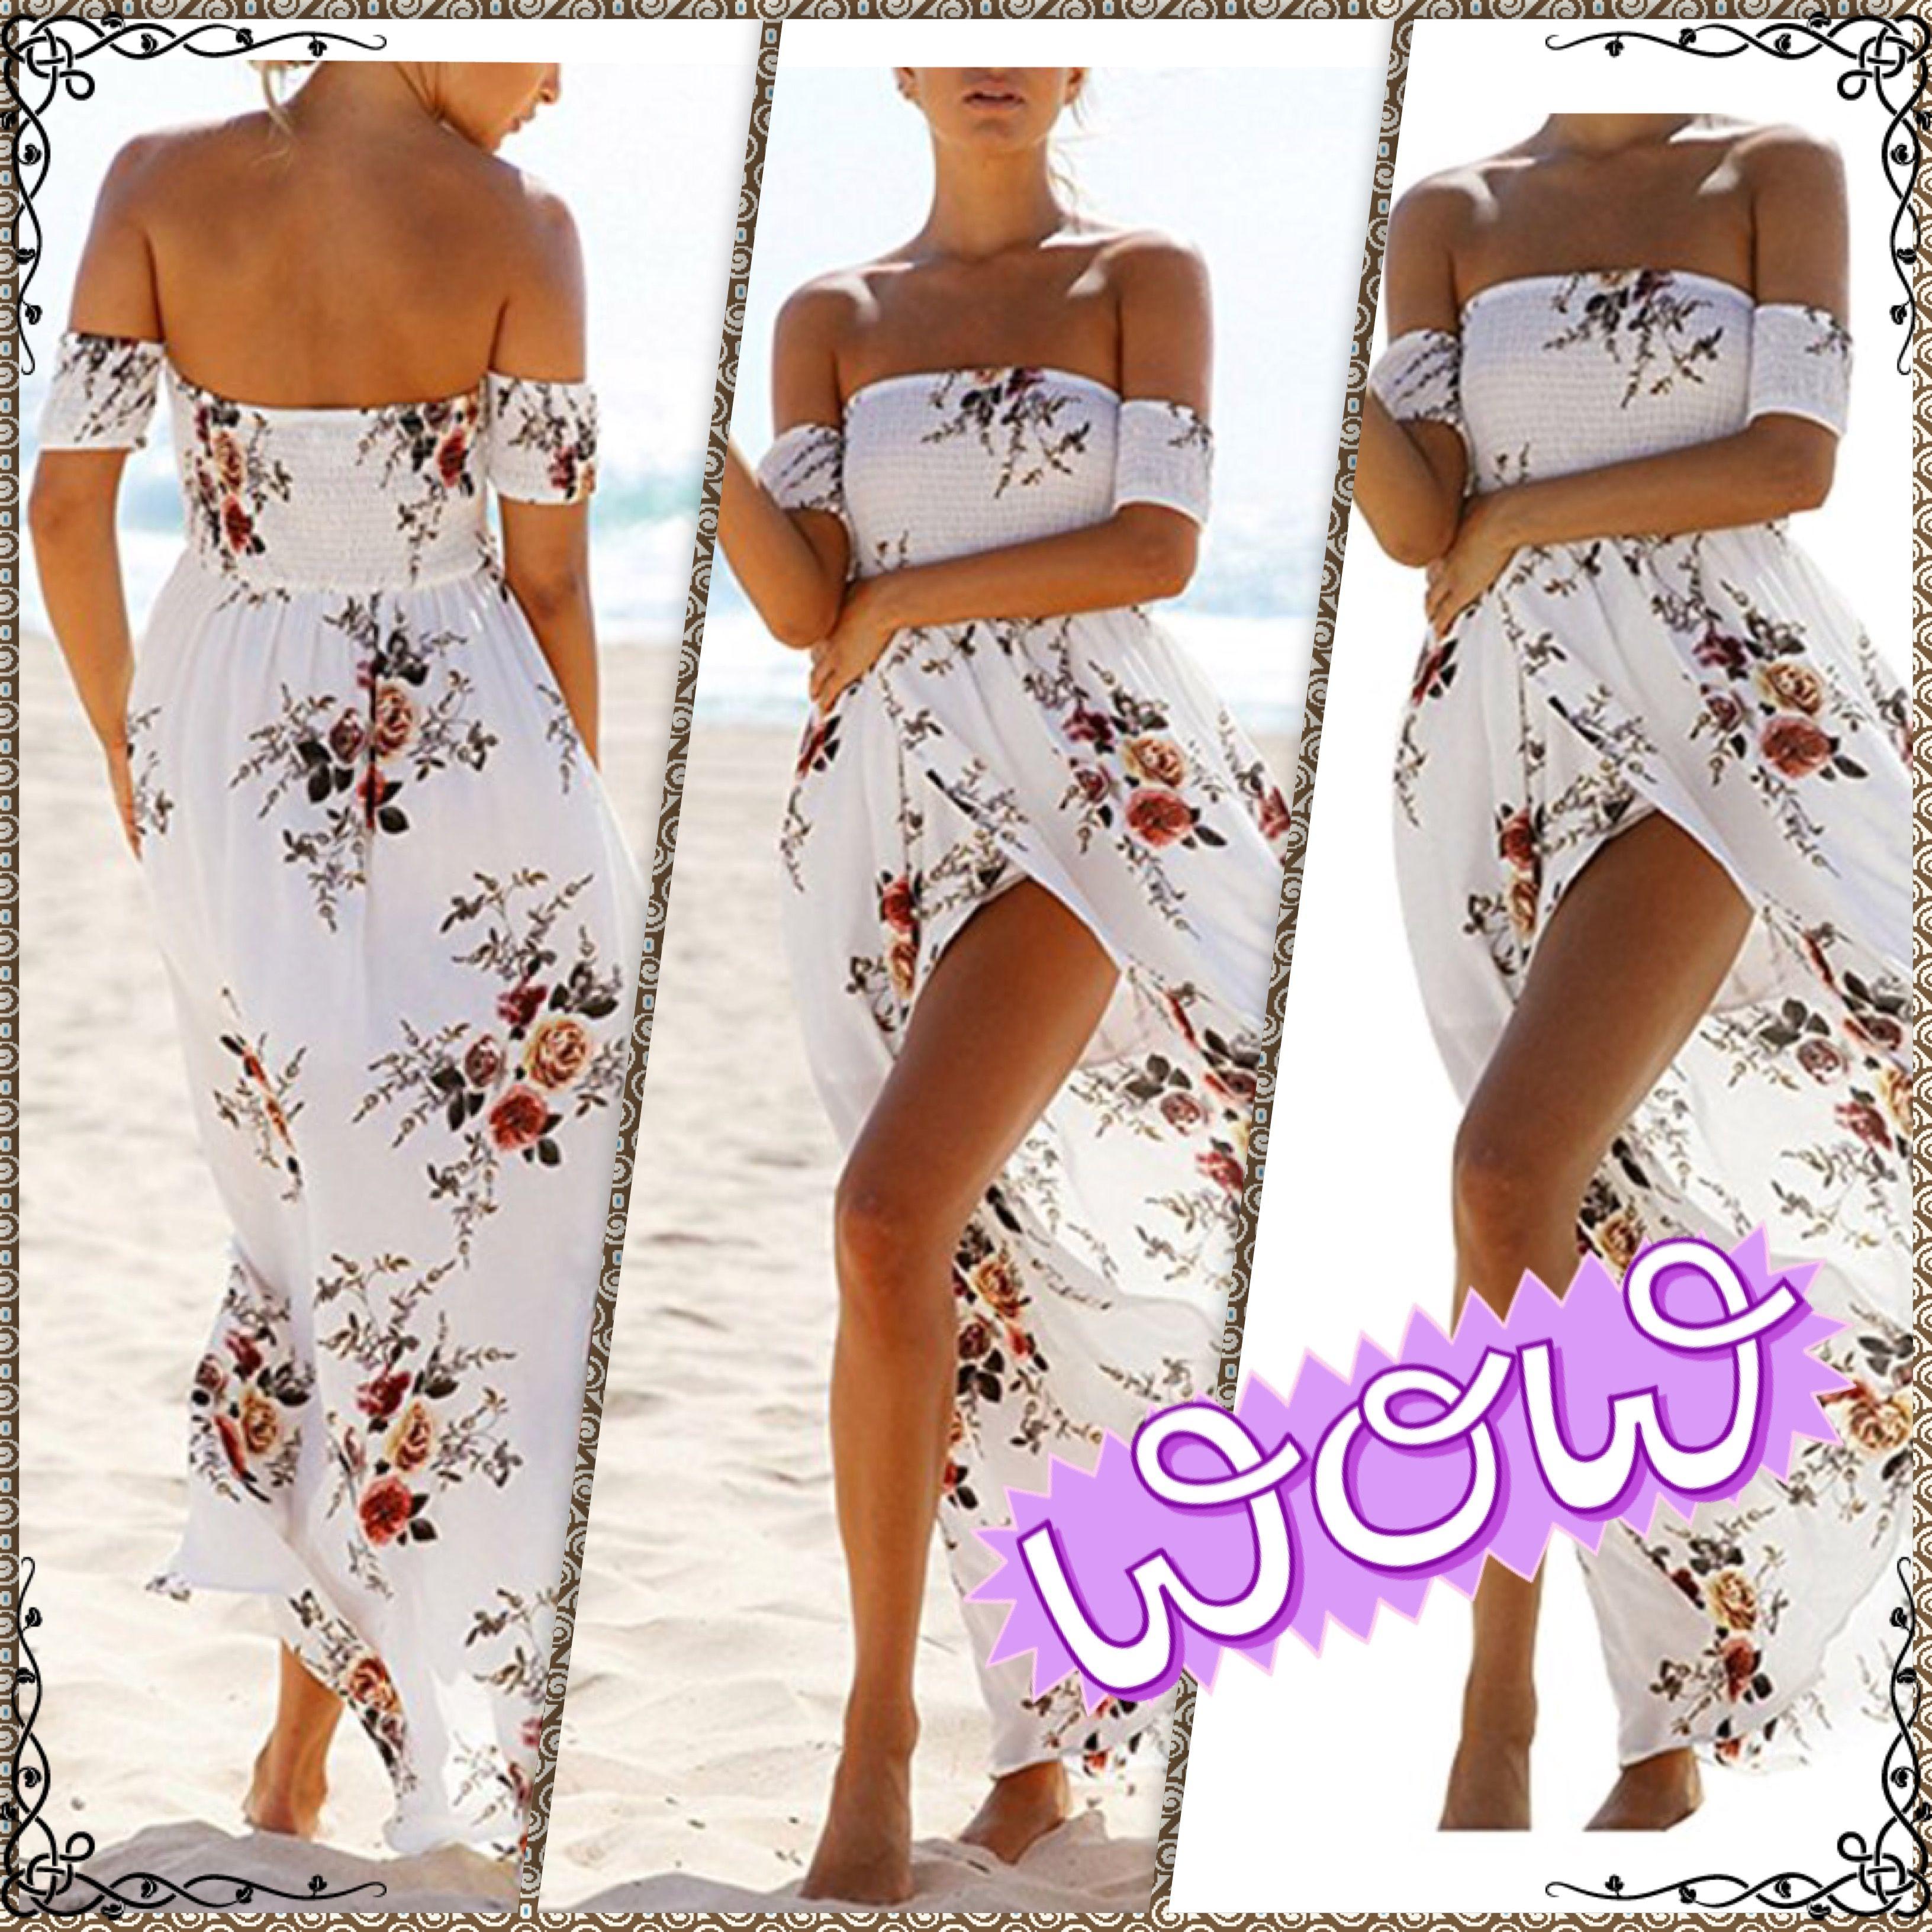 a2f5af37be 18.99     Boho Off Shoulder Strapless Summer Beach Floral Slit Maxi Dress  only